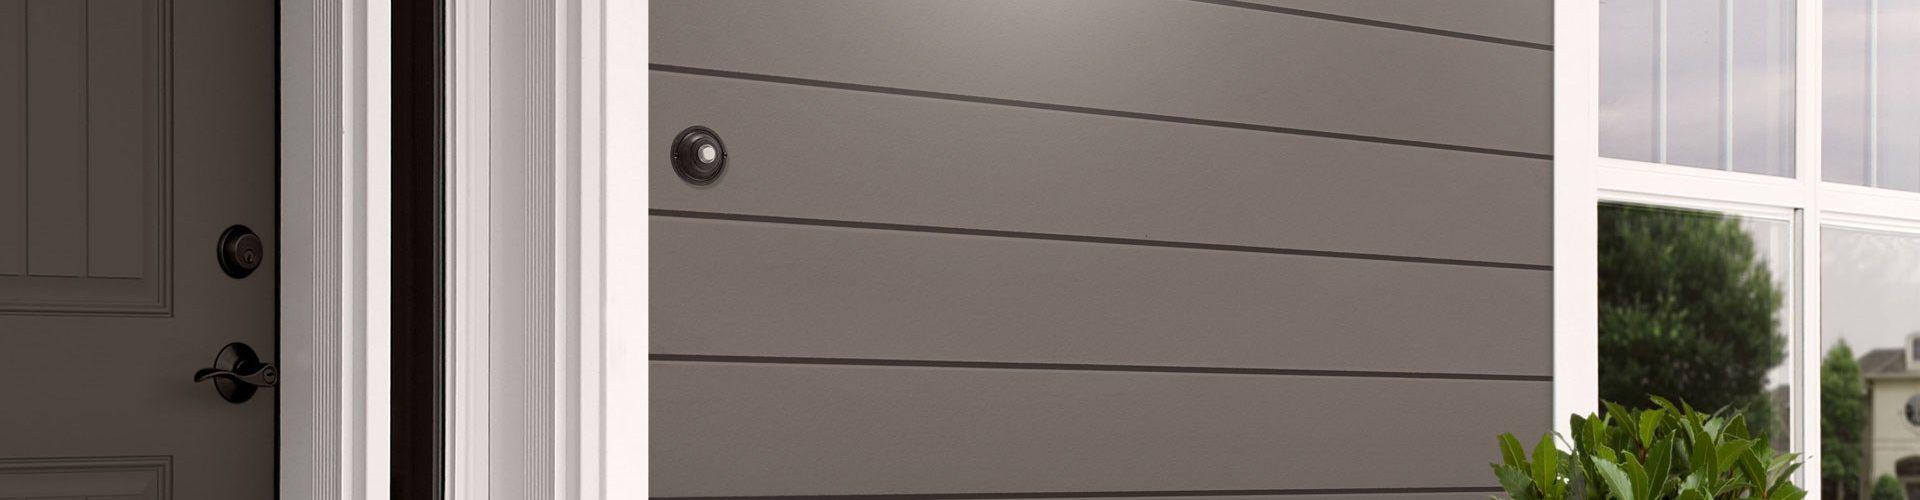 Cedral Click Smooth C55 Maahall - fassaad - sile fassaadilaud - voodrilaud